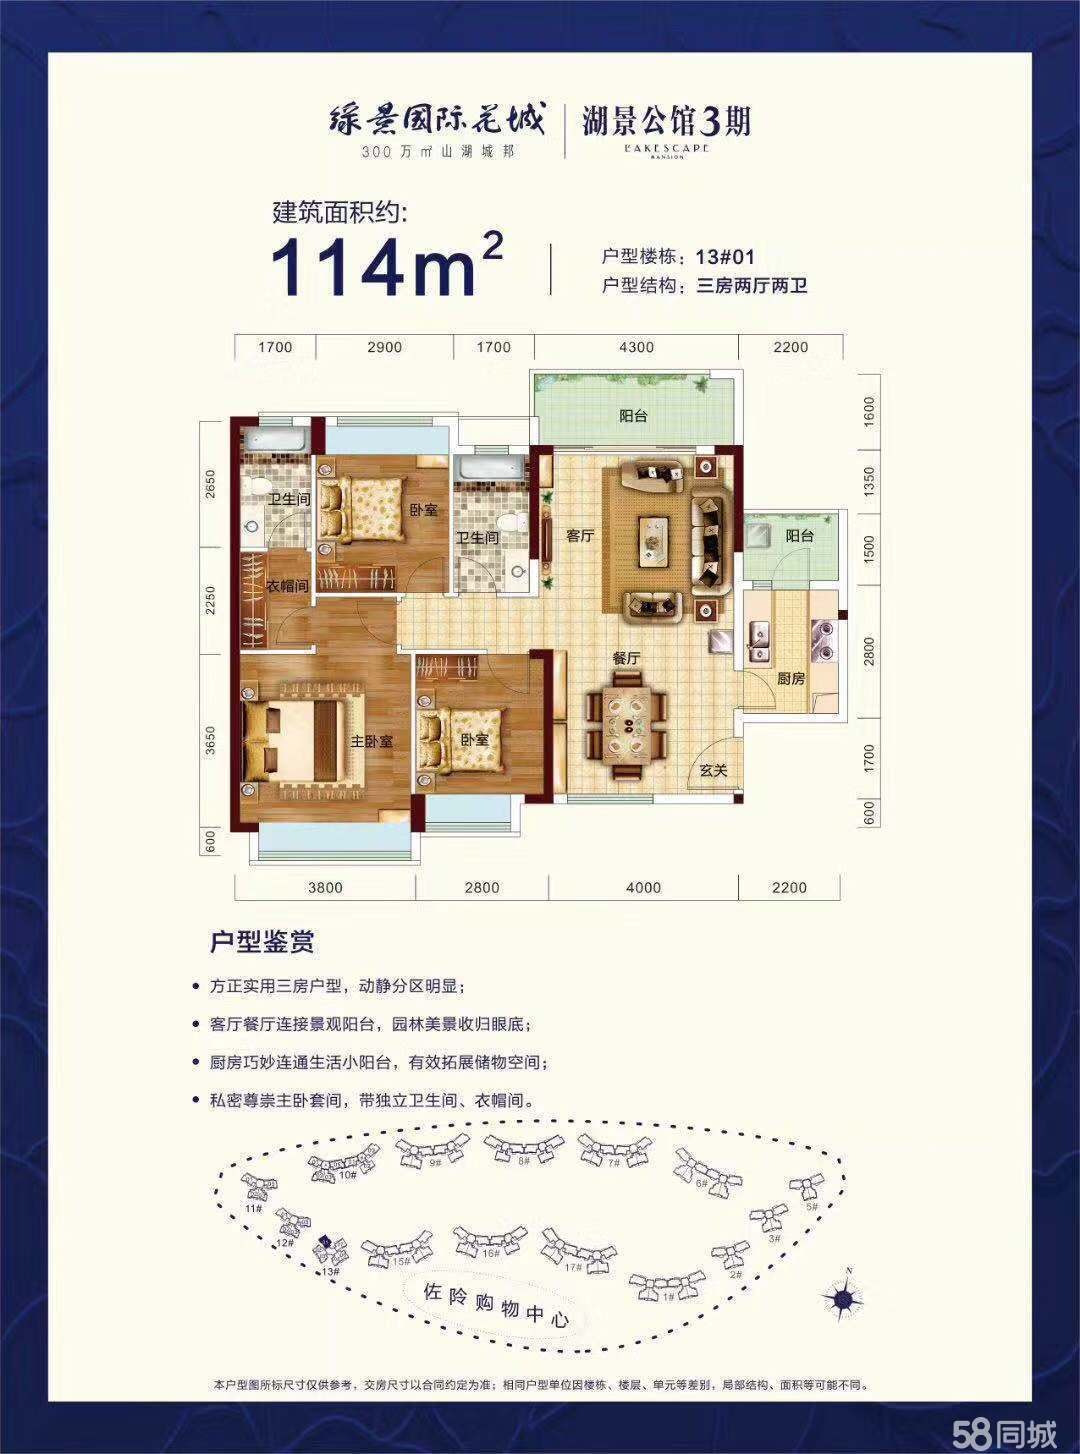 化州绿景三房两厅两卫毛坯房照价卖